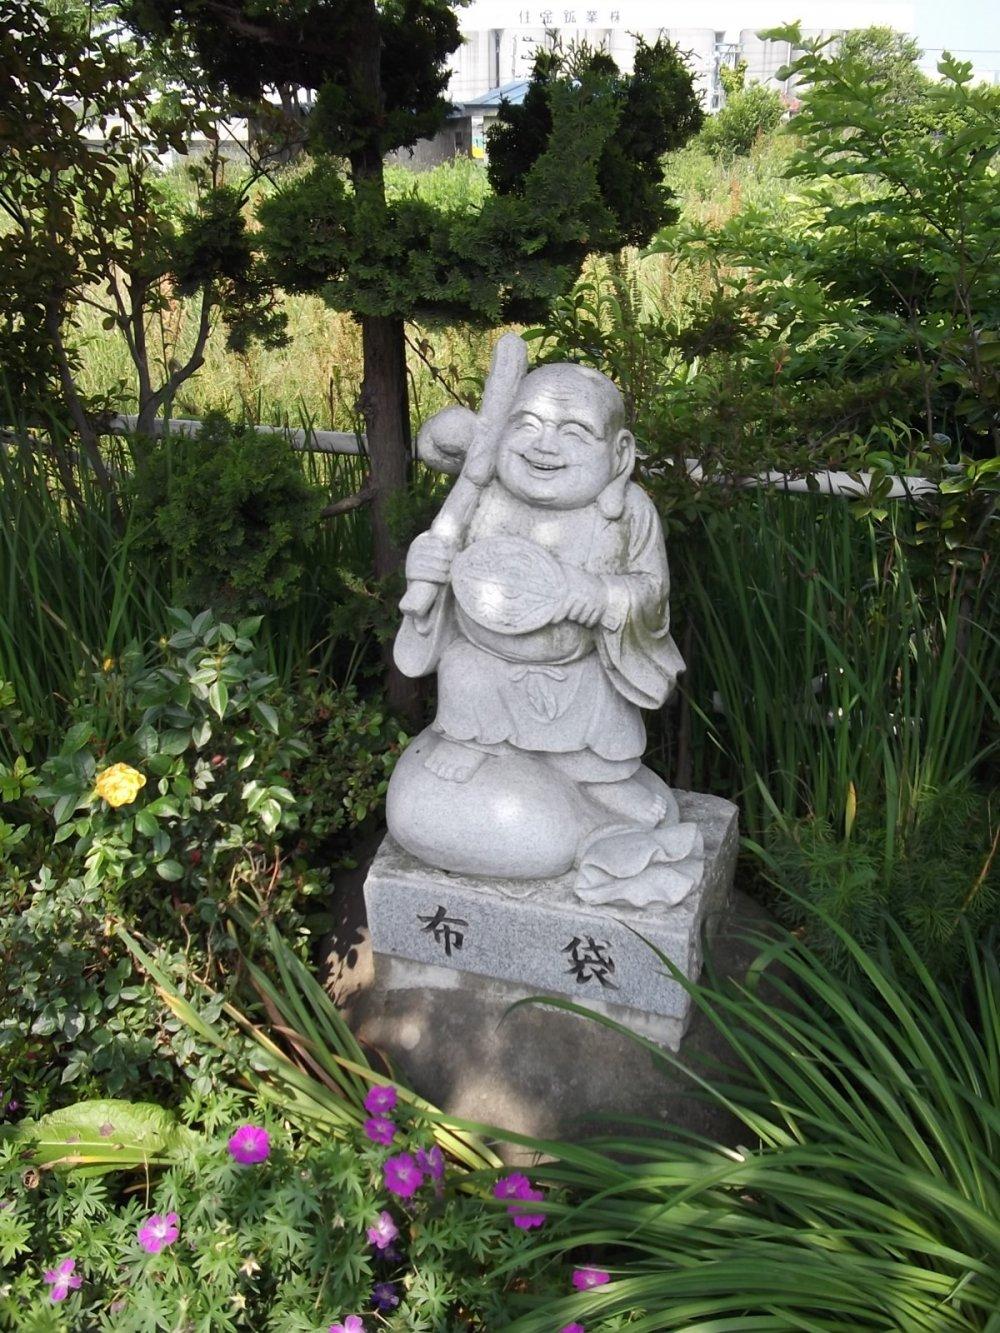 Il y a de nombreuses statues intéressantes le long de la route depuis la station Same jusqu'au sanctuaire